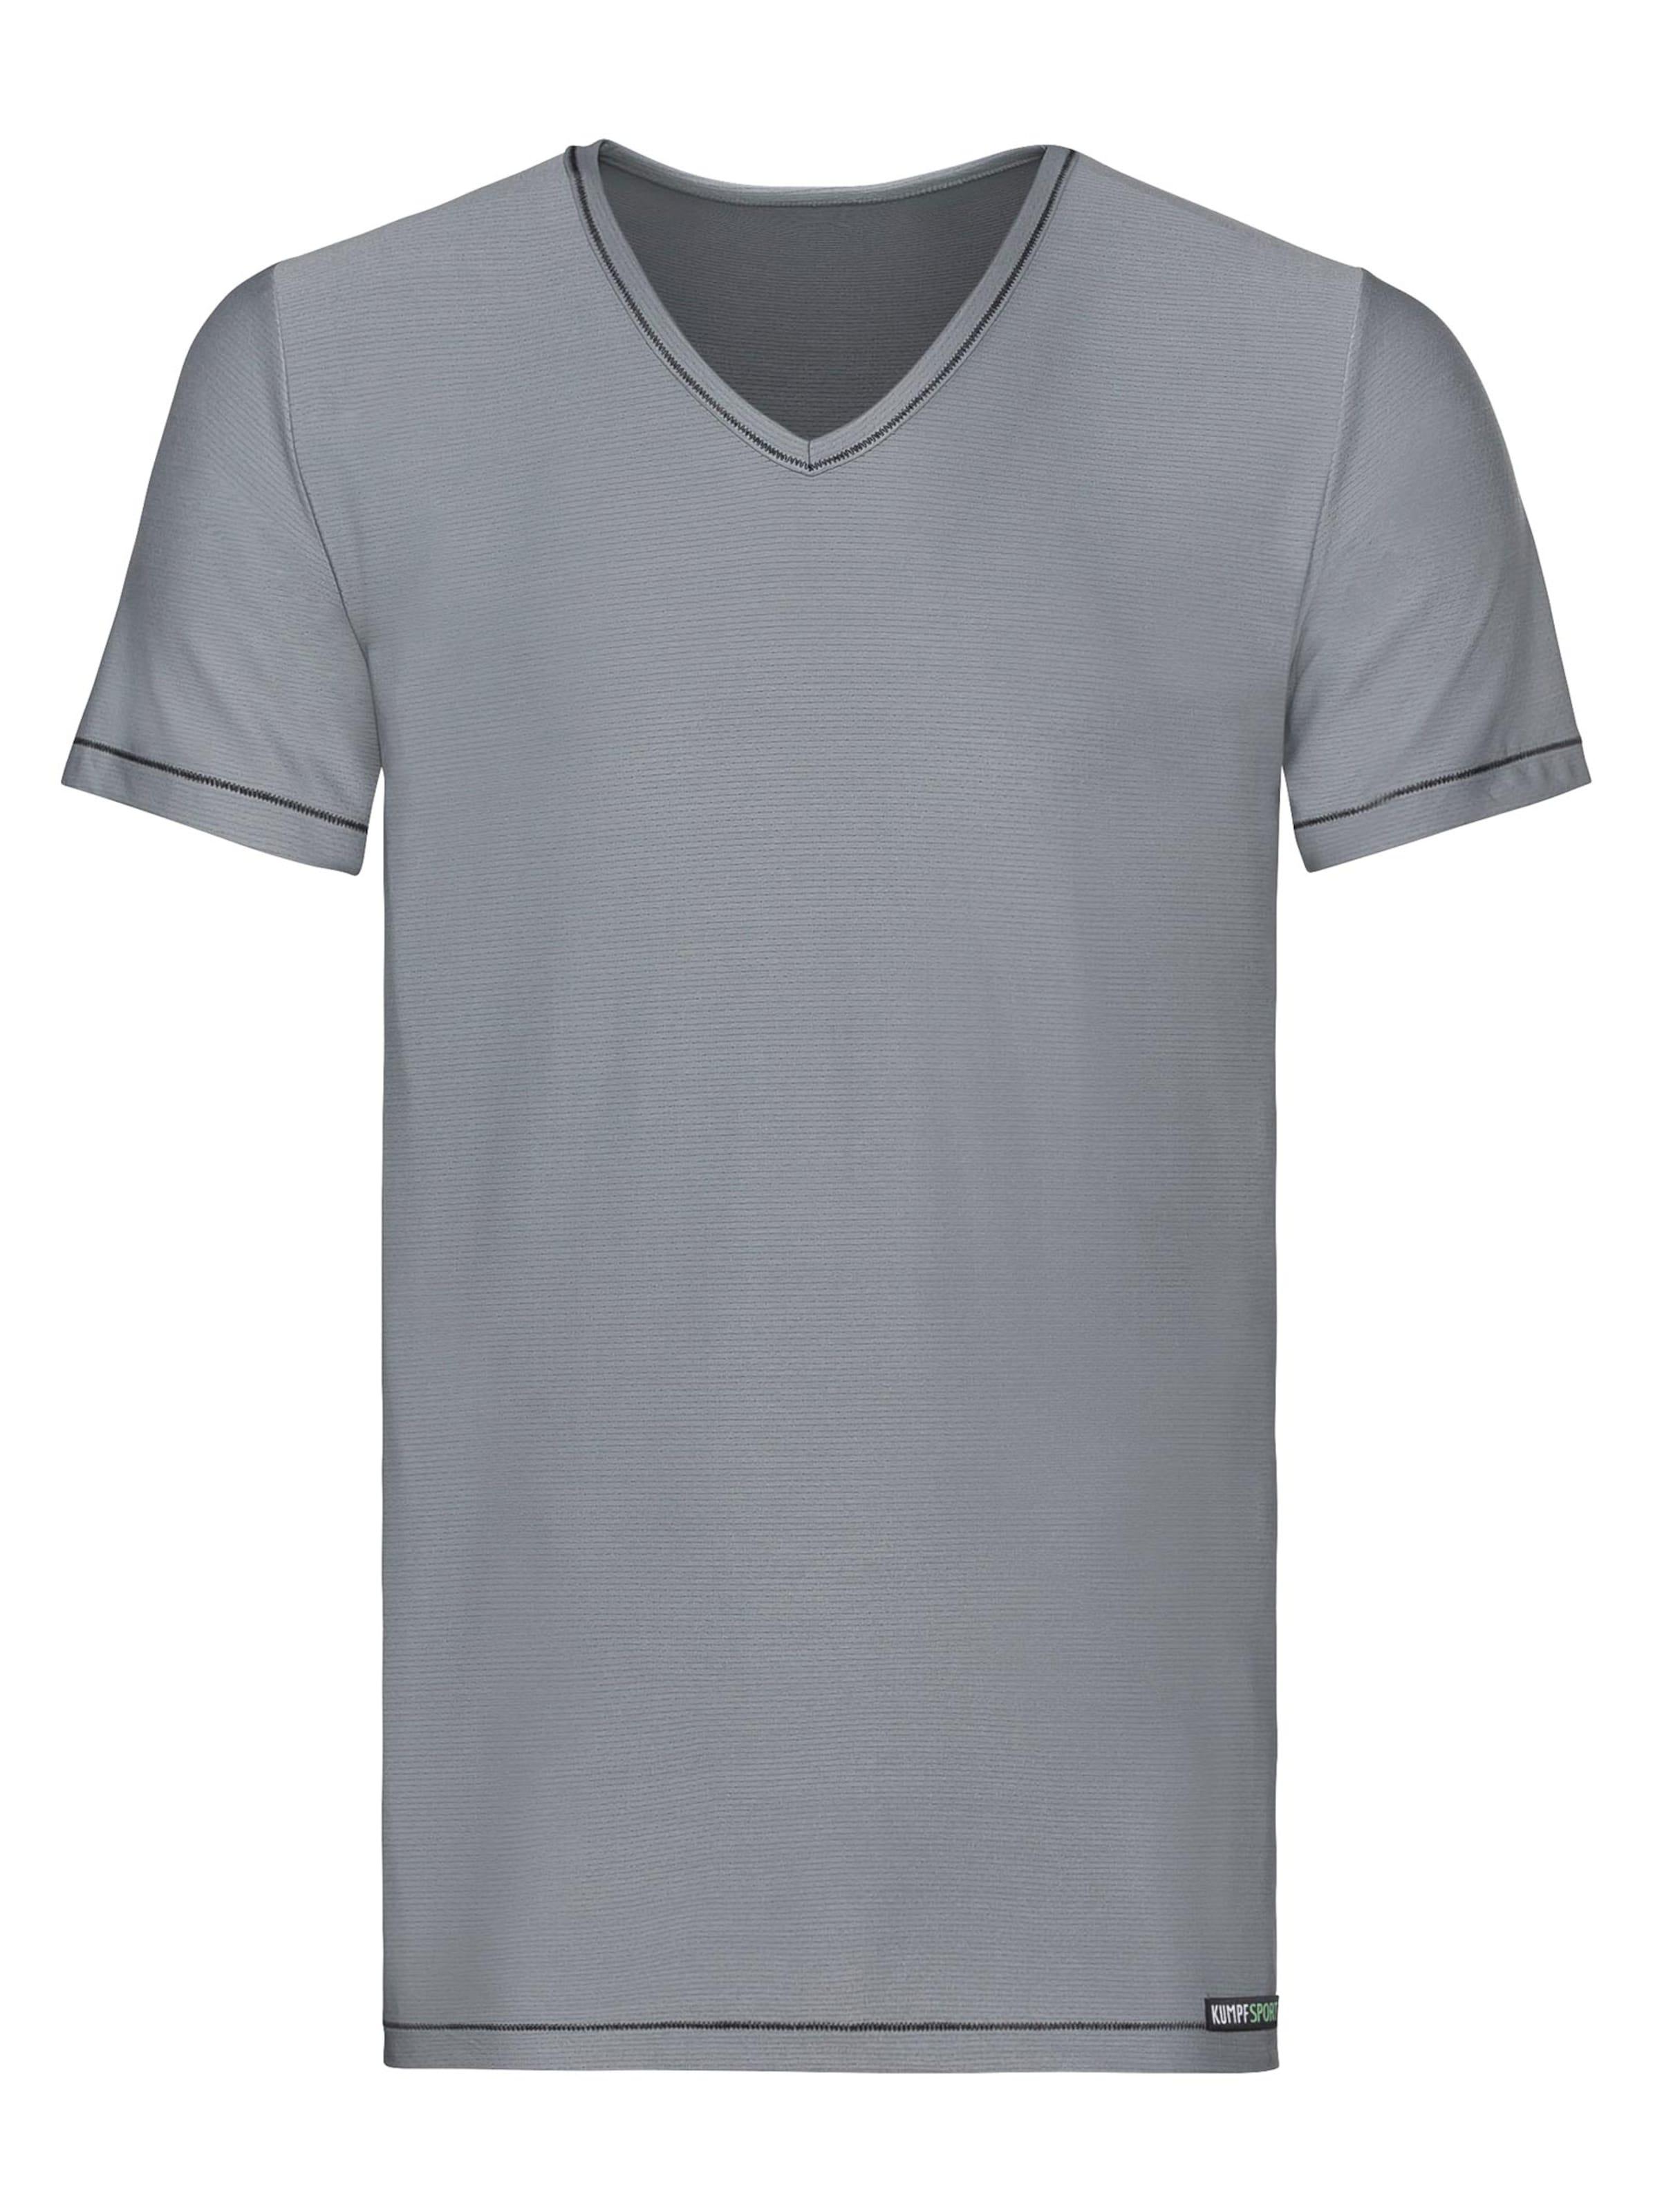 kumpf - Witt Weiden Herren Shirt grau